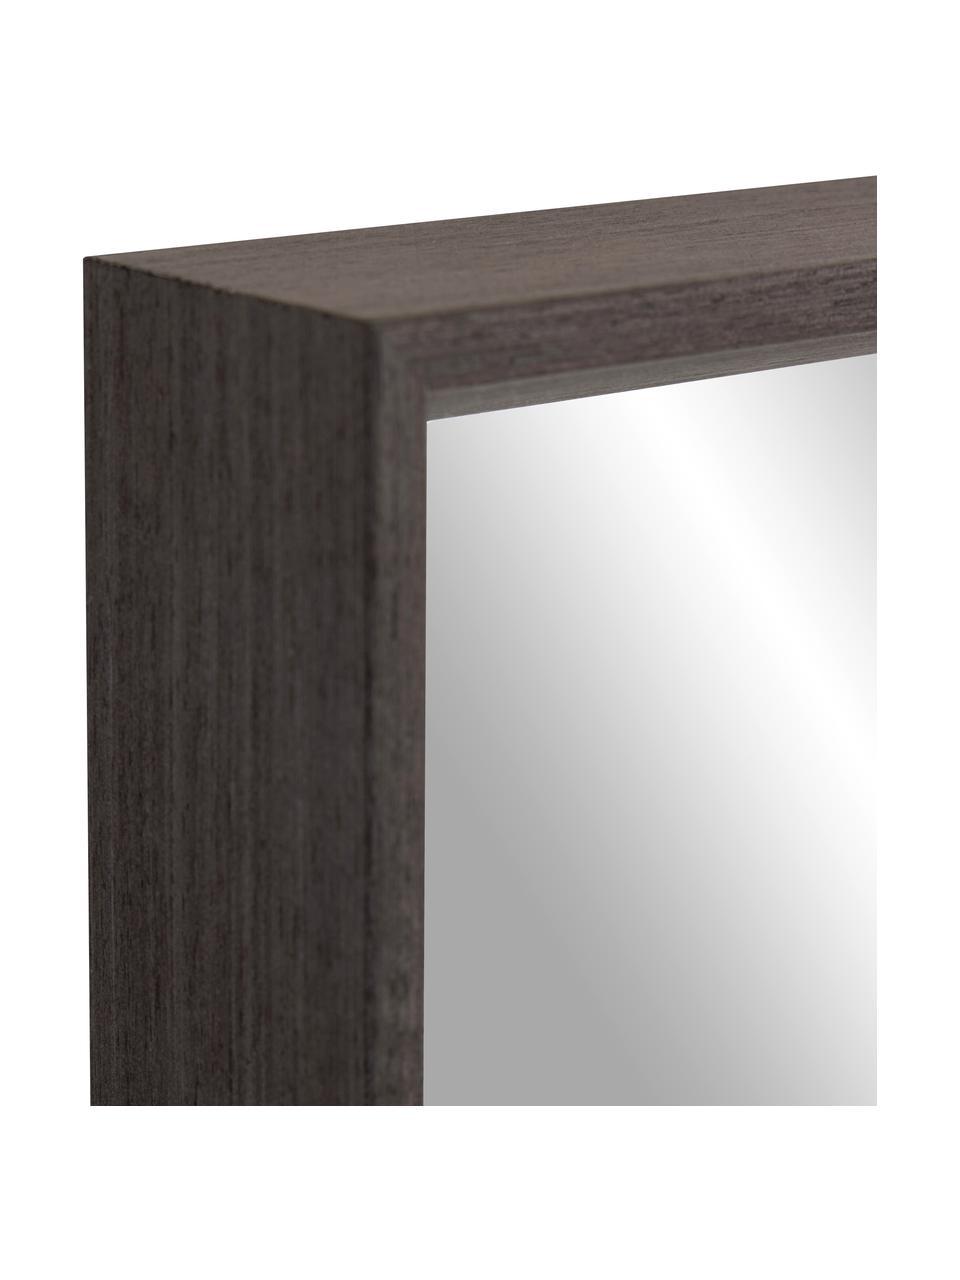 Eckiger Wandspiegel Nerina mit braunem Holzrahmen, Rahmen: Holz, Spiegelfläche: Spiegelglas, Braun , 80 x 180 cm